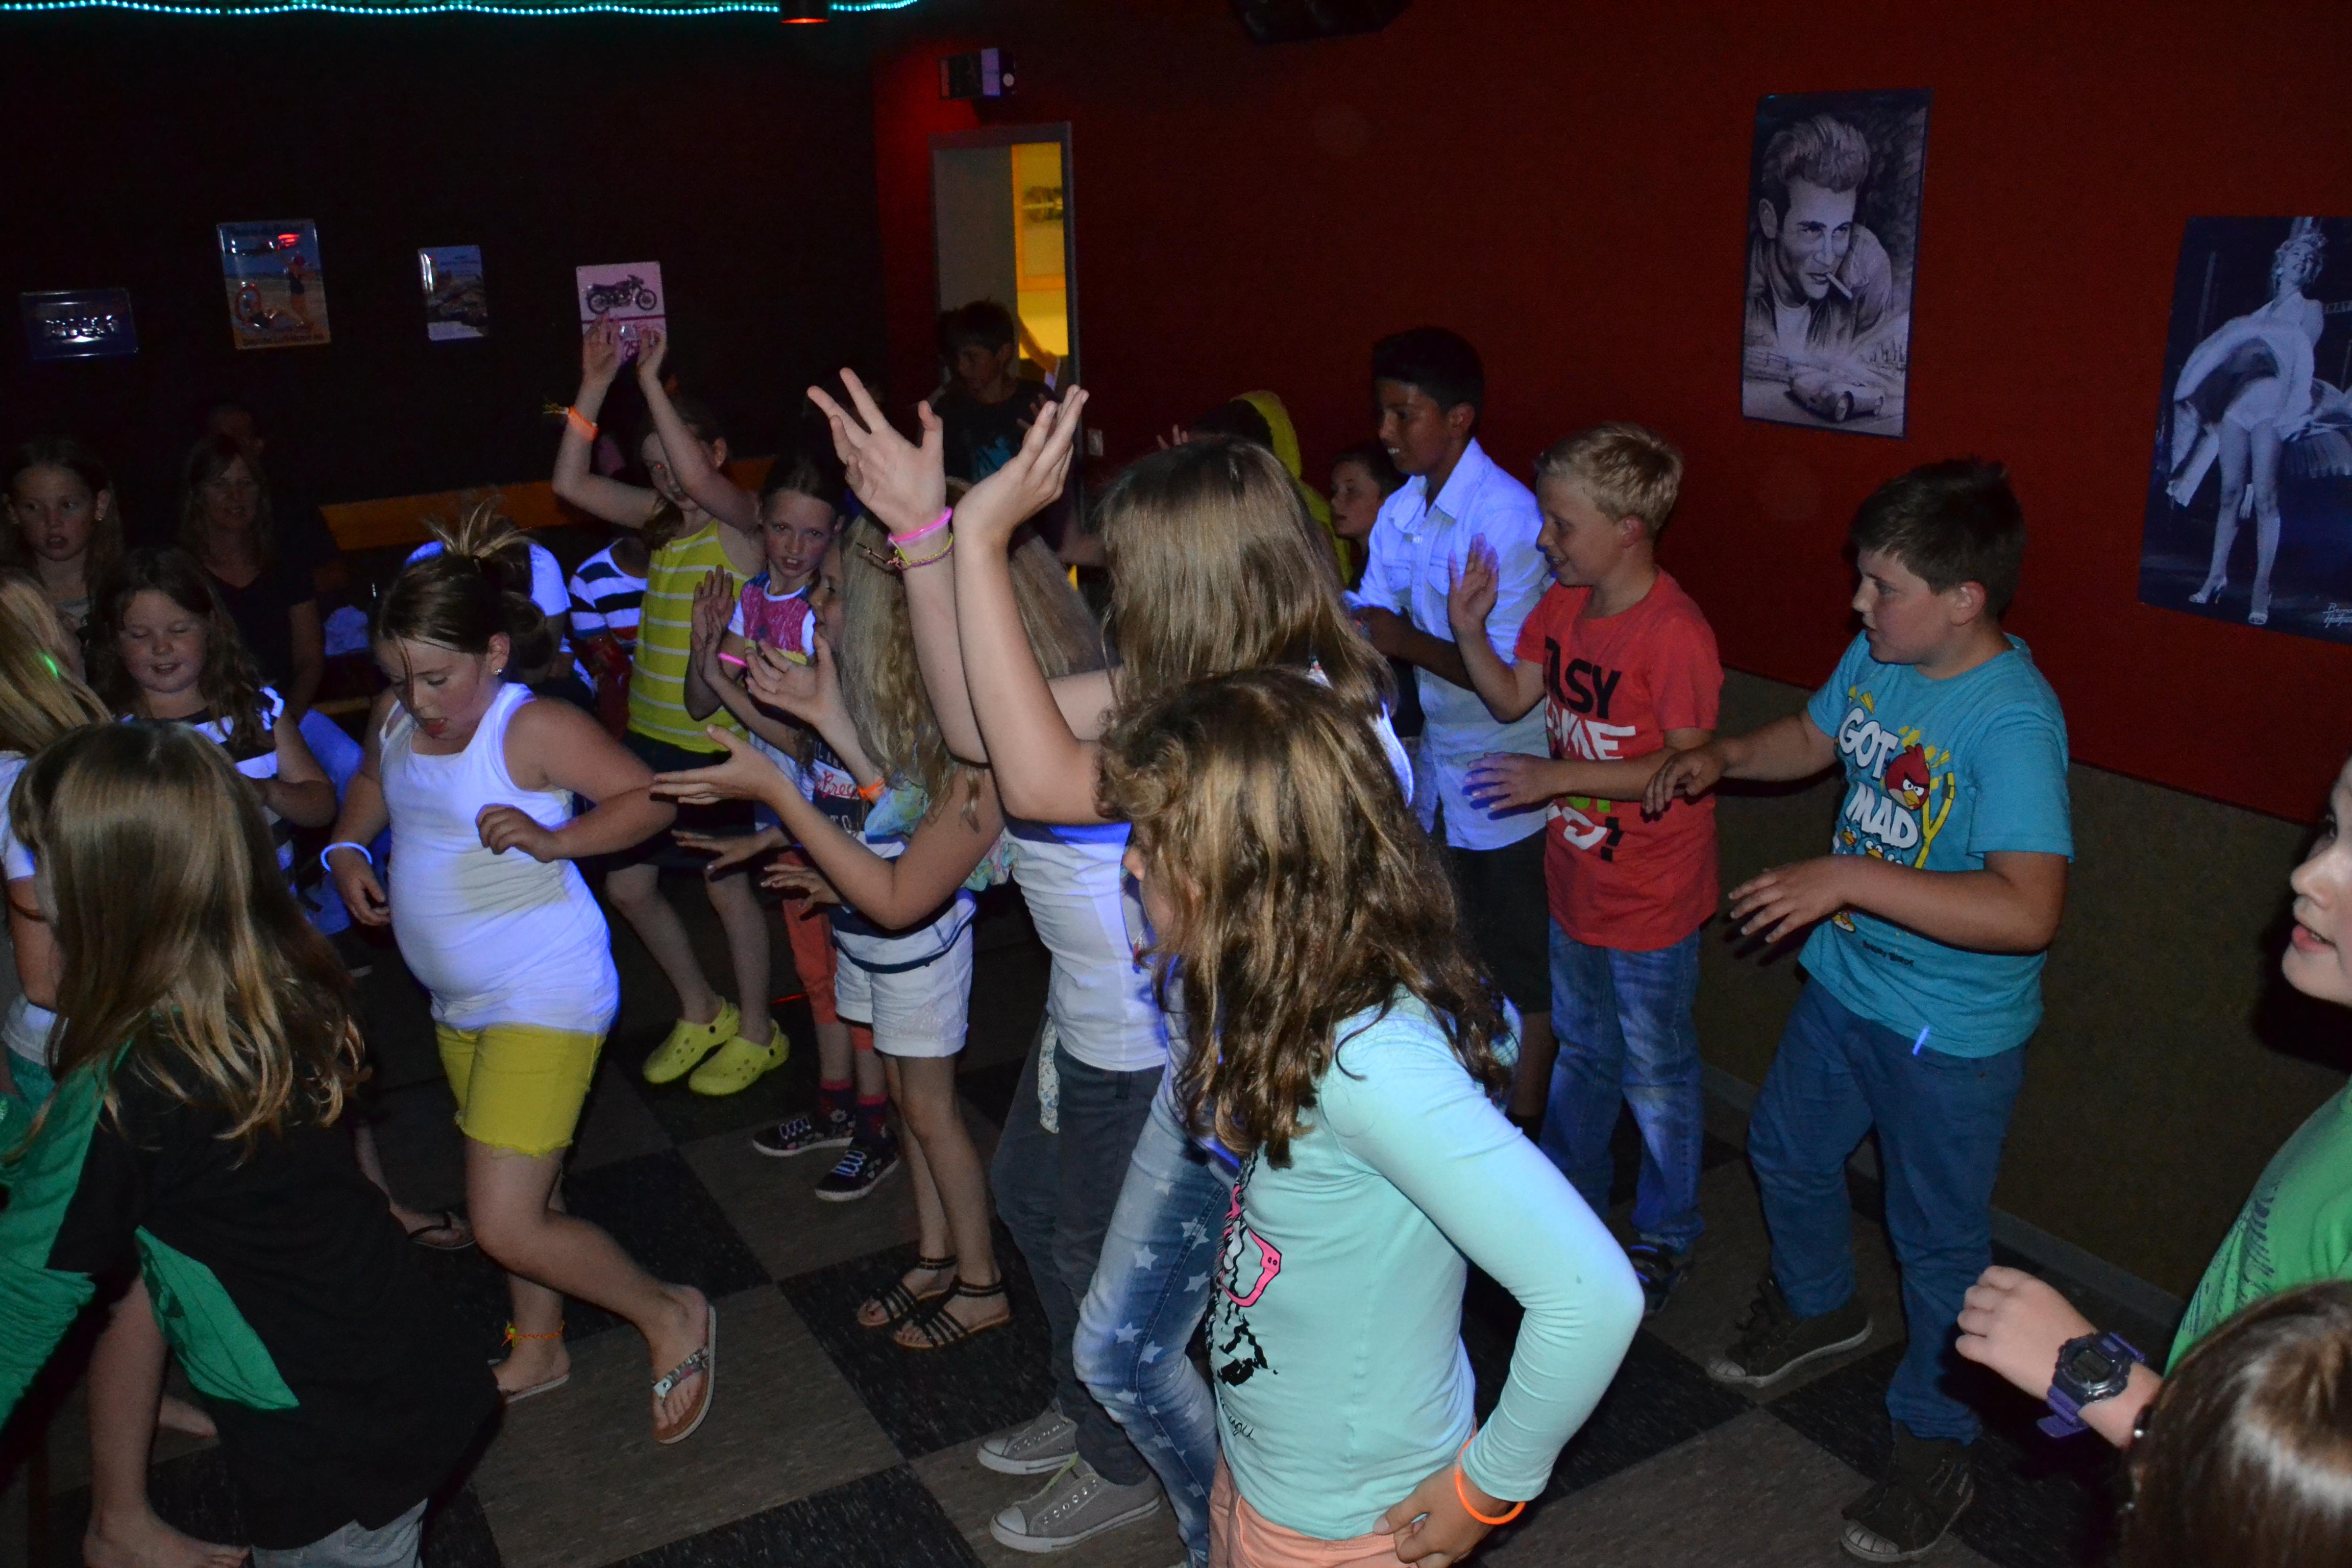 Flirttipps für jungs in der disco